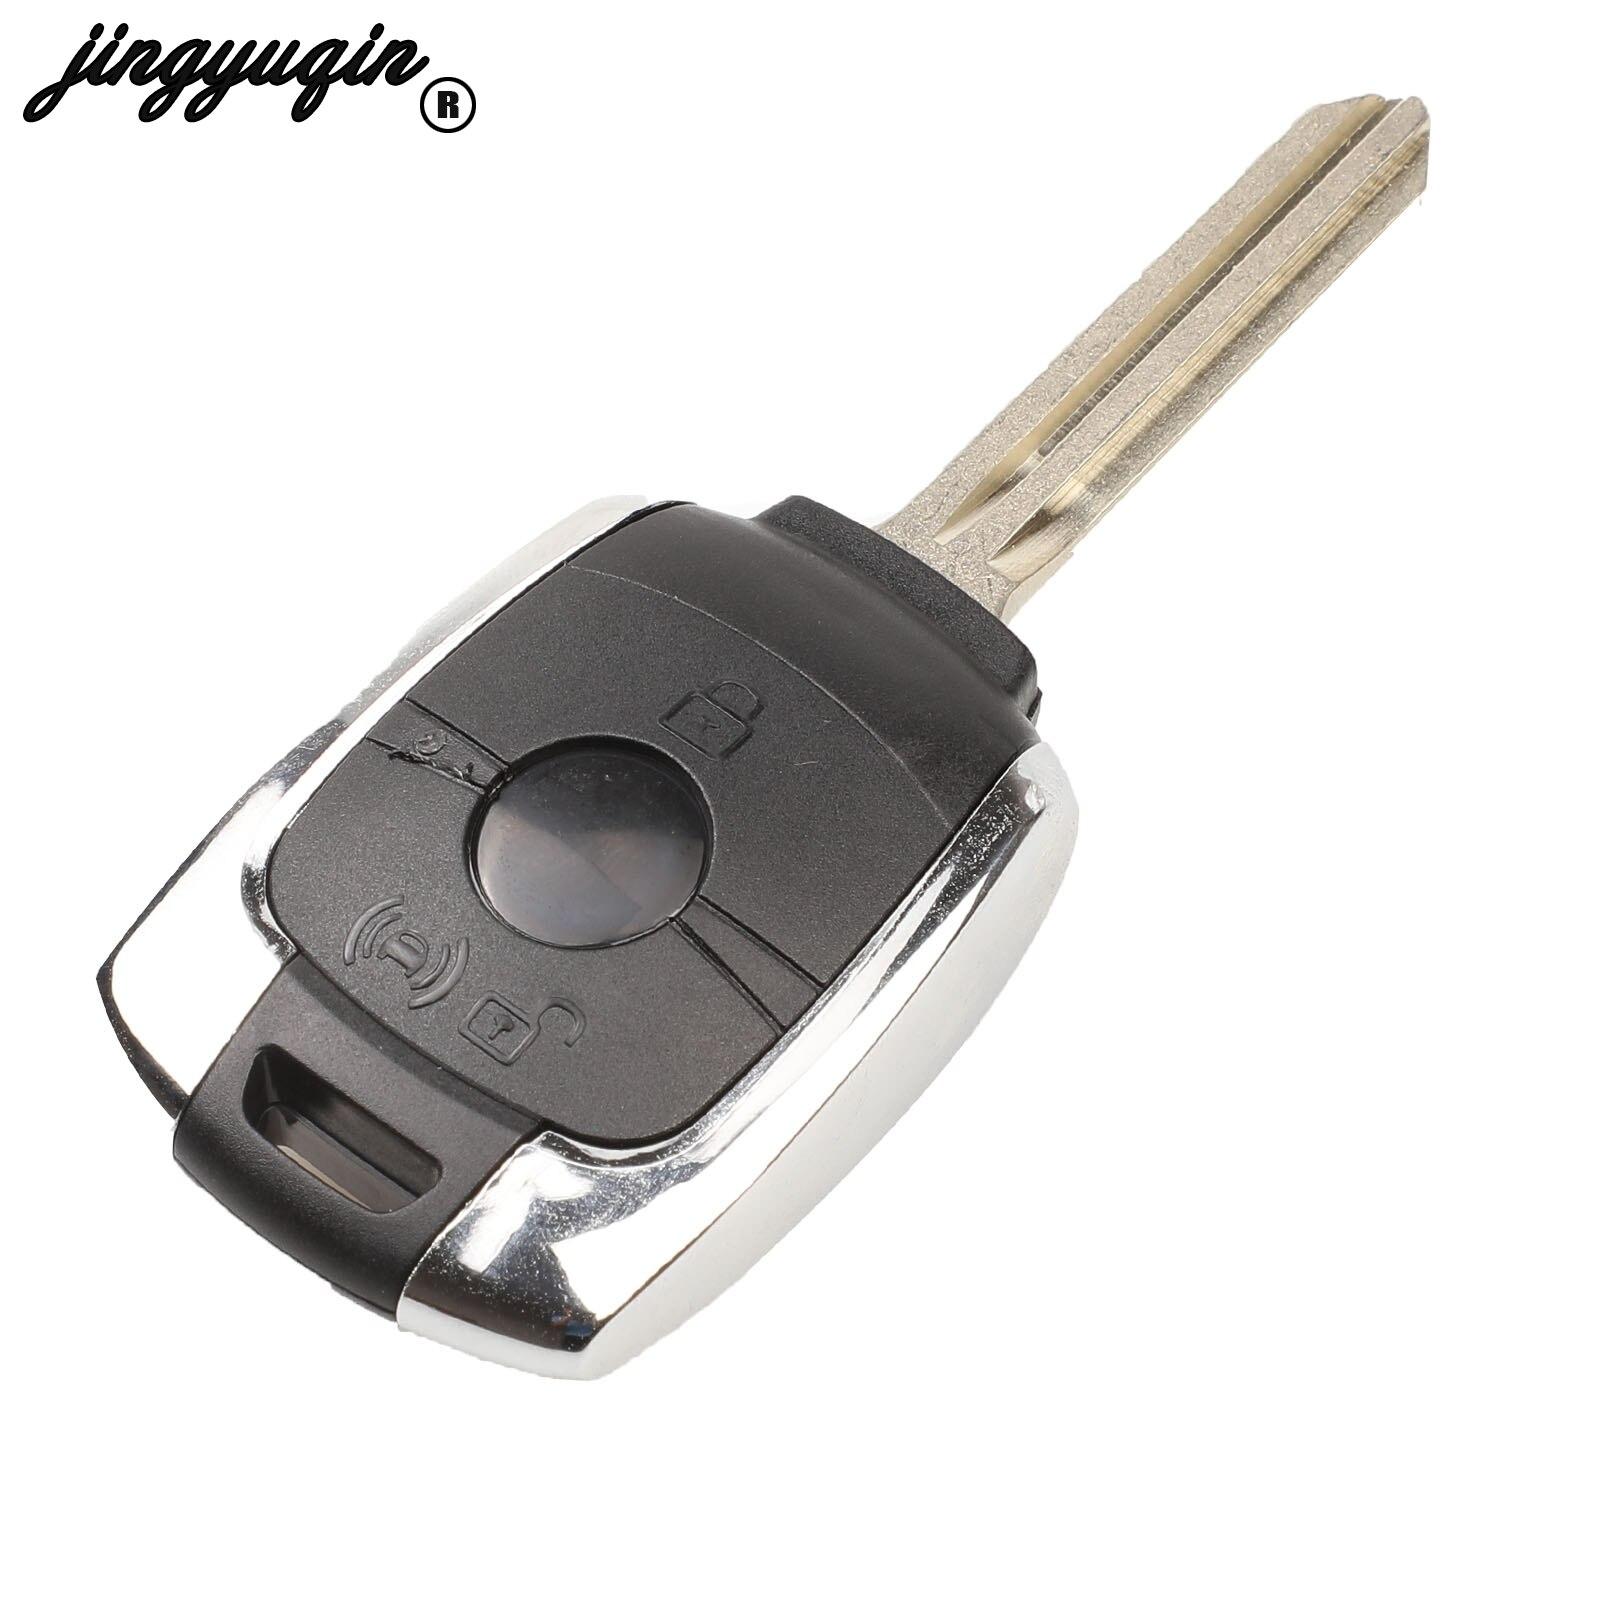 Jingyuqin 2 boutons de remplacement à distance clé coque étui Fob pour SsangYong Actyon Kyron Rexton Korando avec lame non coupée clés de voiture